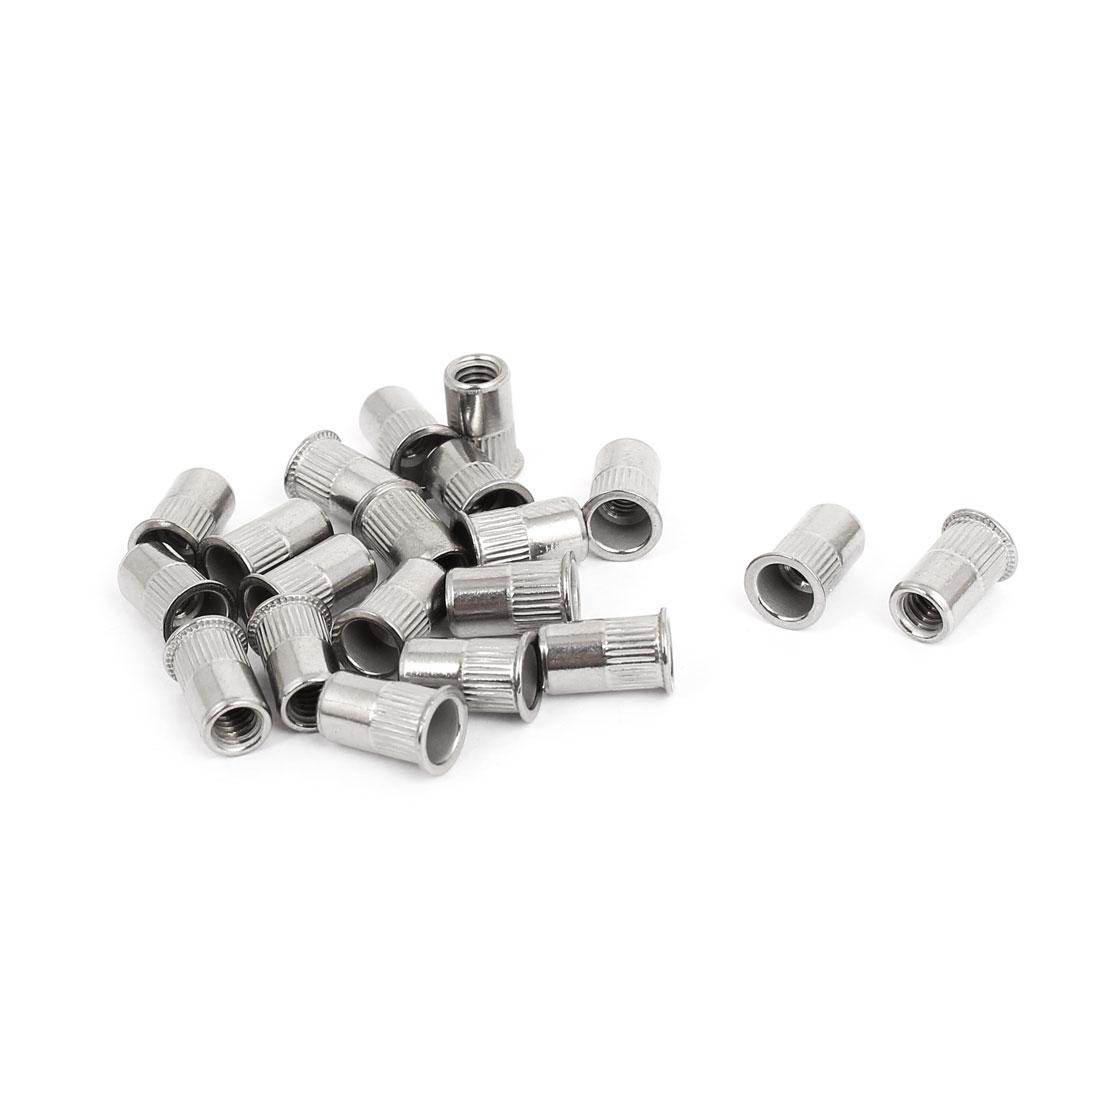 M4 Thread 304 Stainless Steel Rivet Nut Insert Nutsert 20pcs